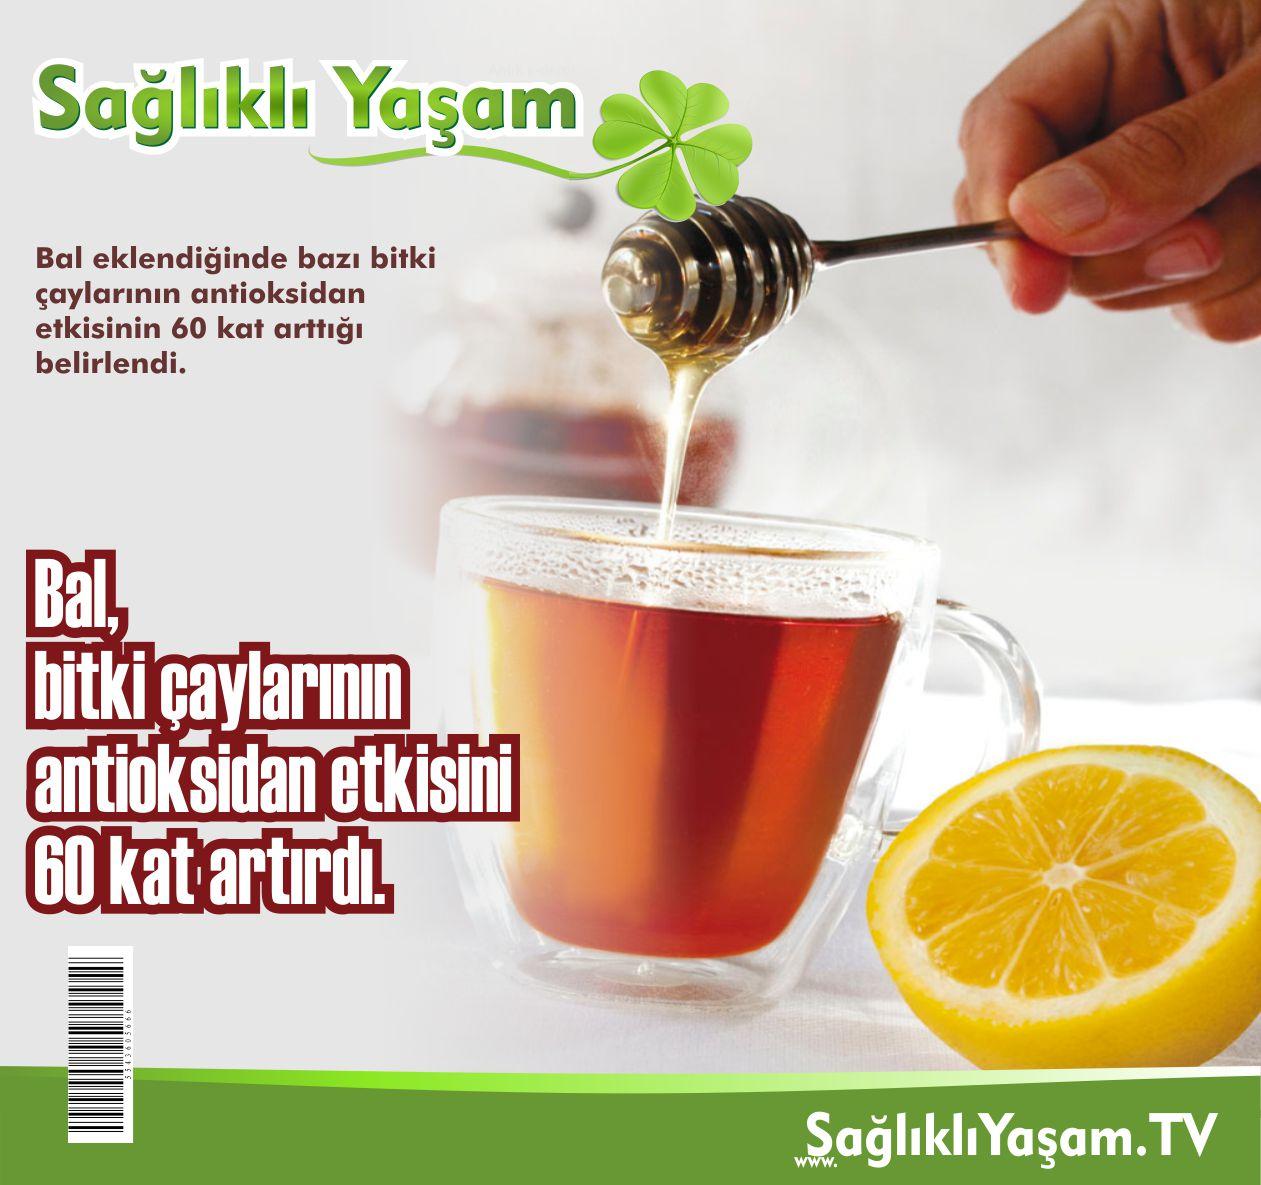 Bal, Balın faydaları, Bitkisel tedavi yöntemleri, Şifalı bitkiler, Bitki çayları, Ihlamur, Ihlamur çayı, Antioksidanlar, Yeşil çay, Siyah çay,